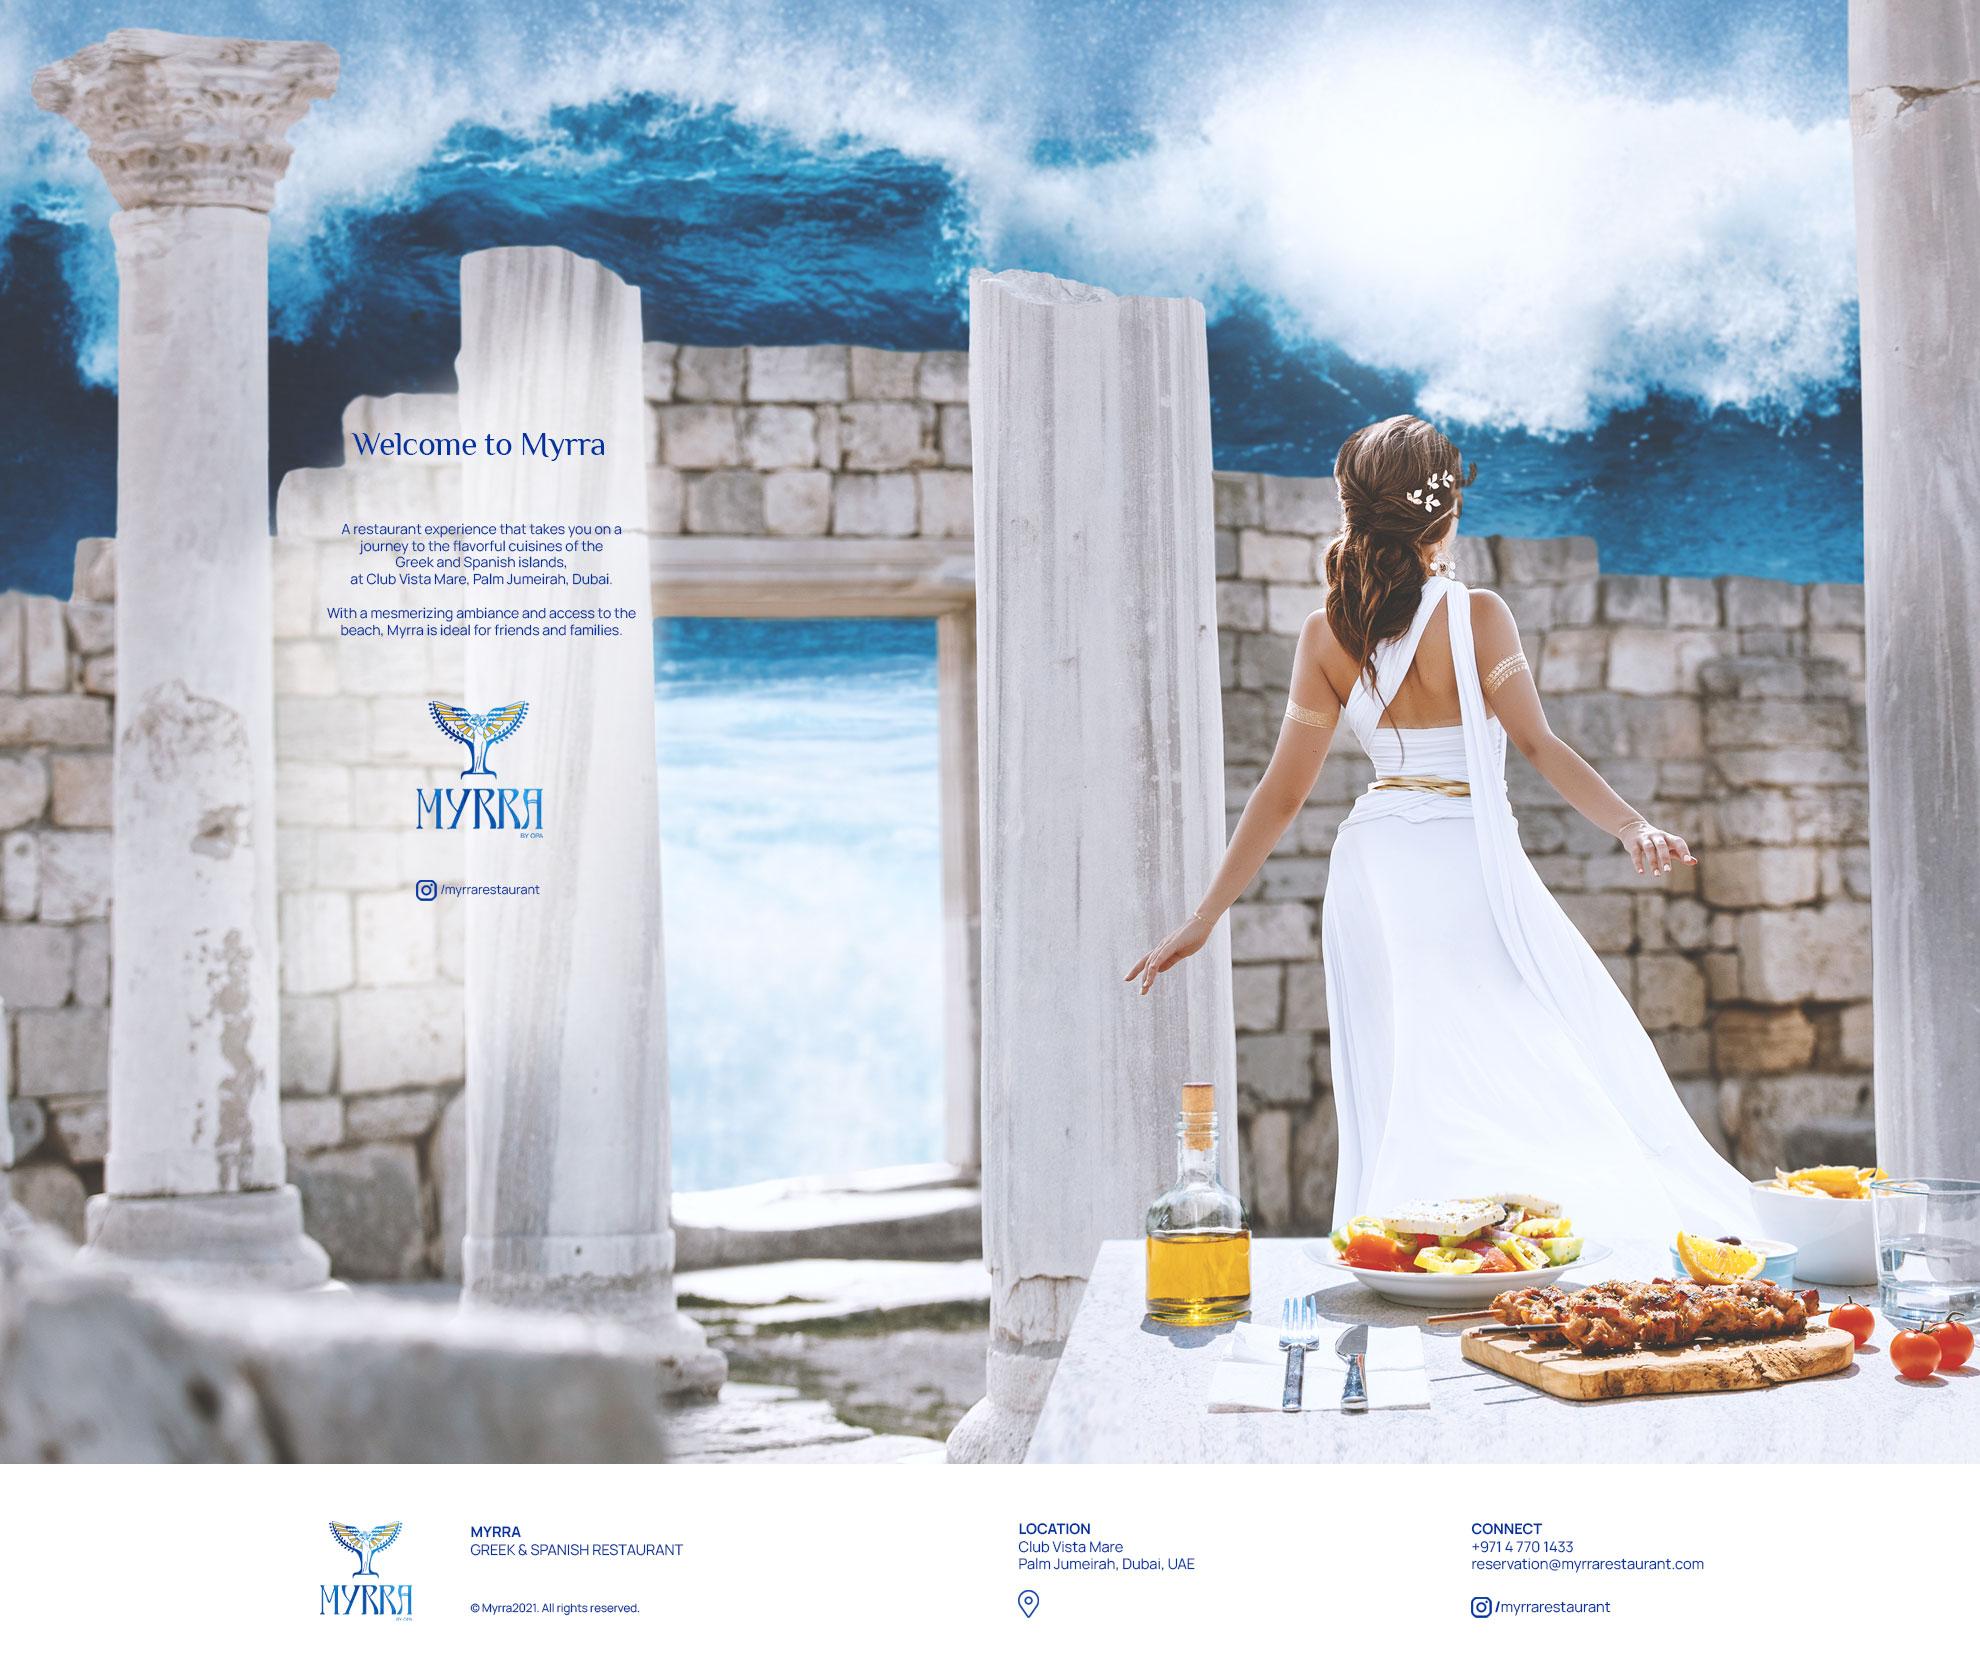 Myrra Restaurant - Coming soon